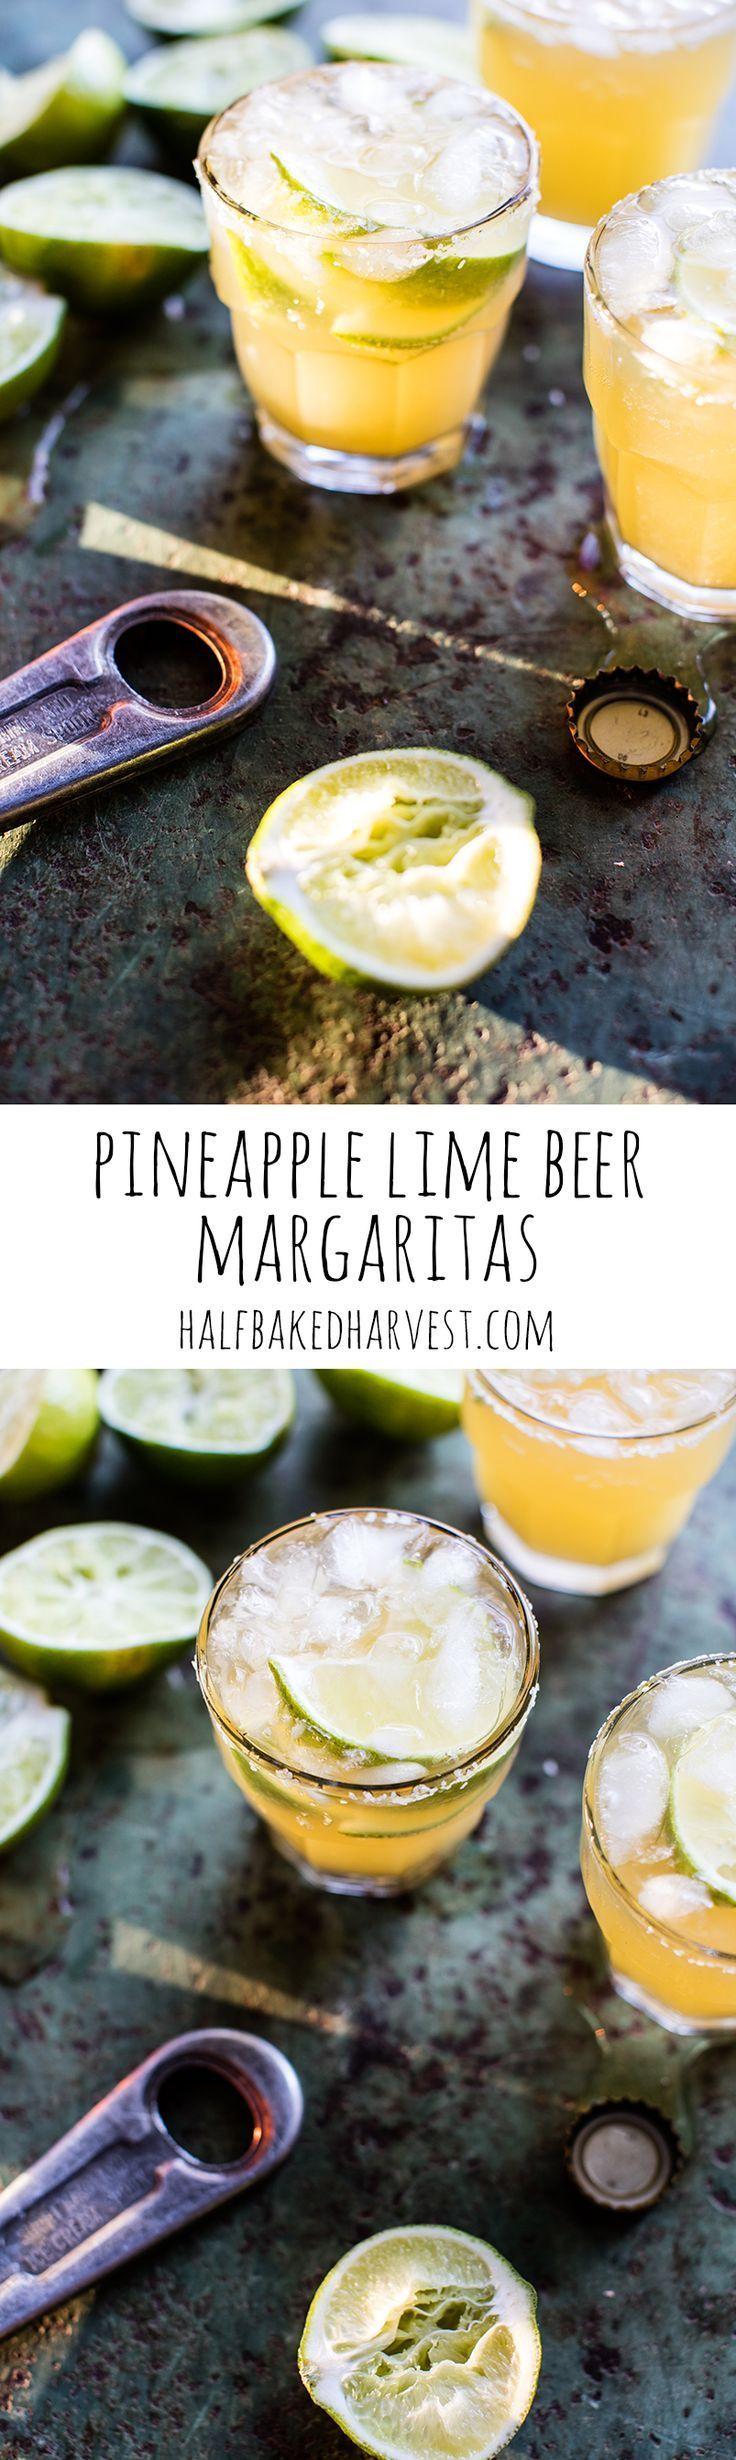 Pineapple Lime Beer Margaritas | http://halfbakedharvest.com /hbharvest/